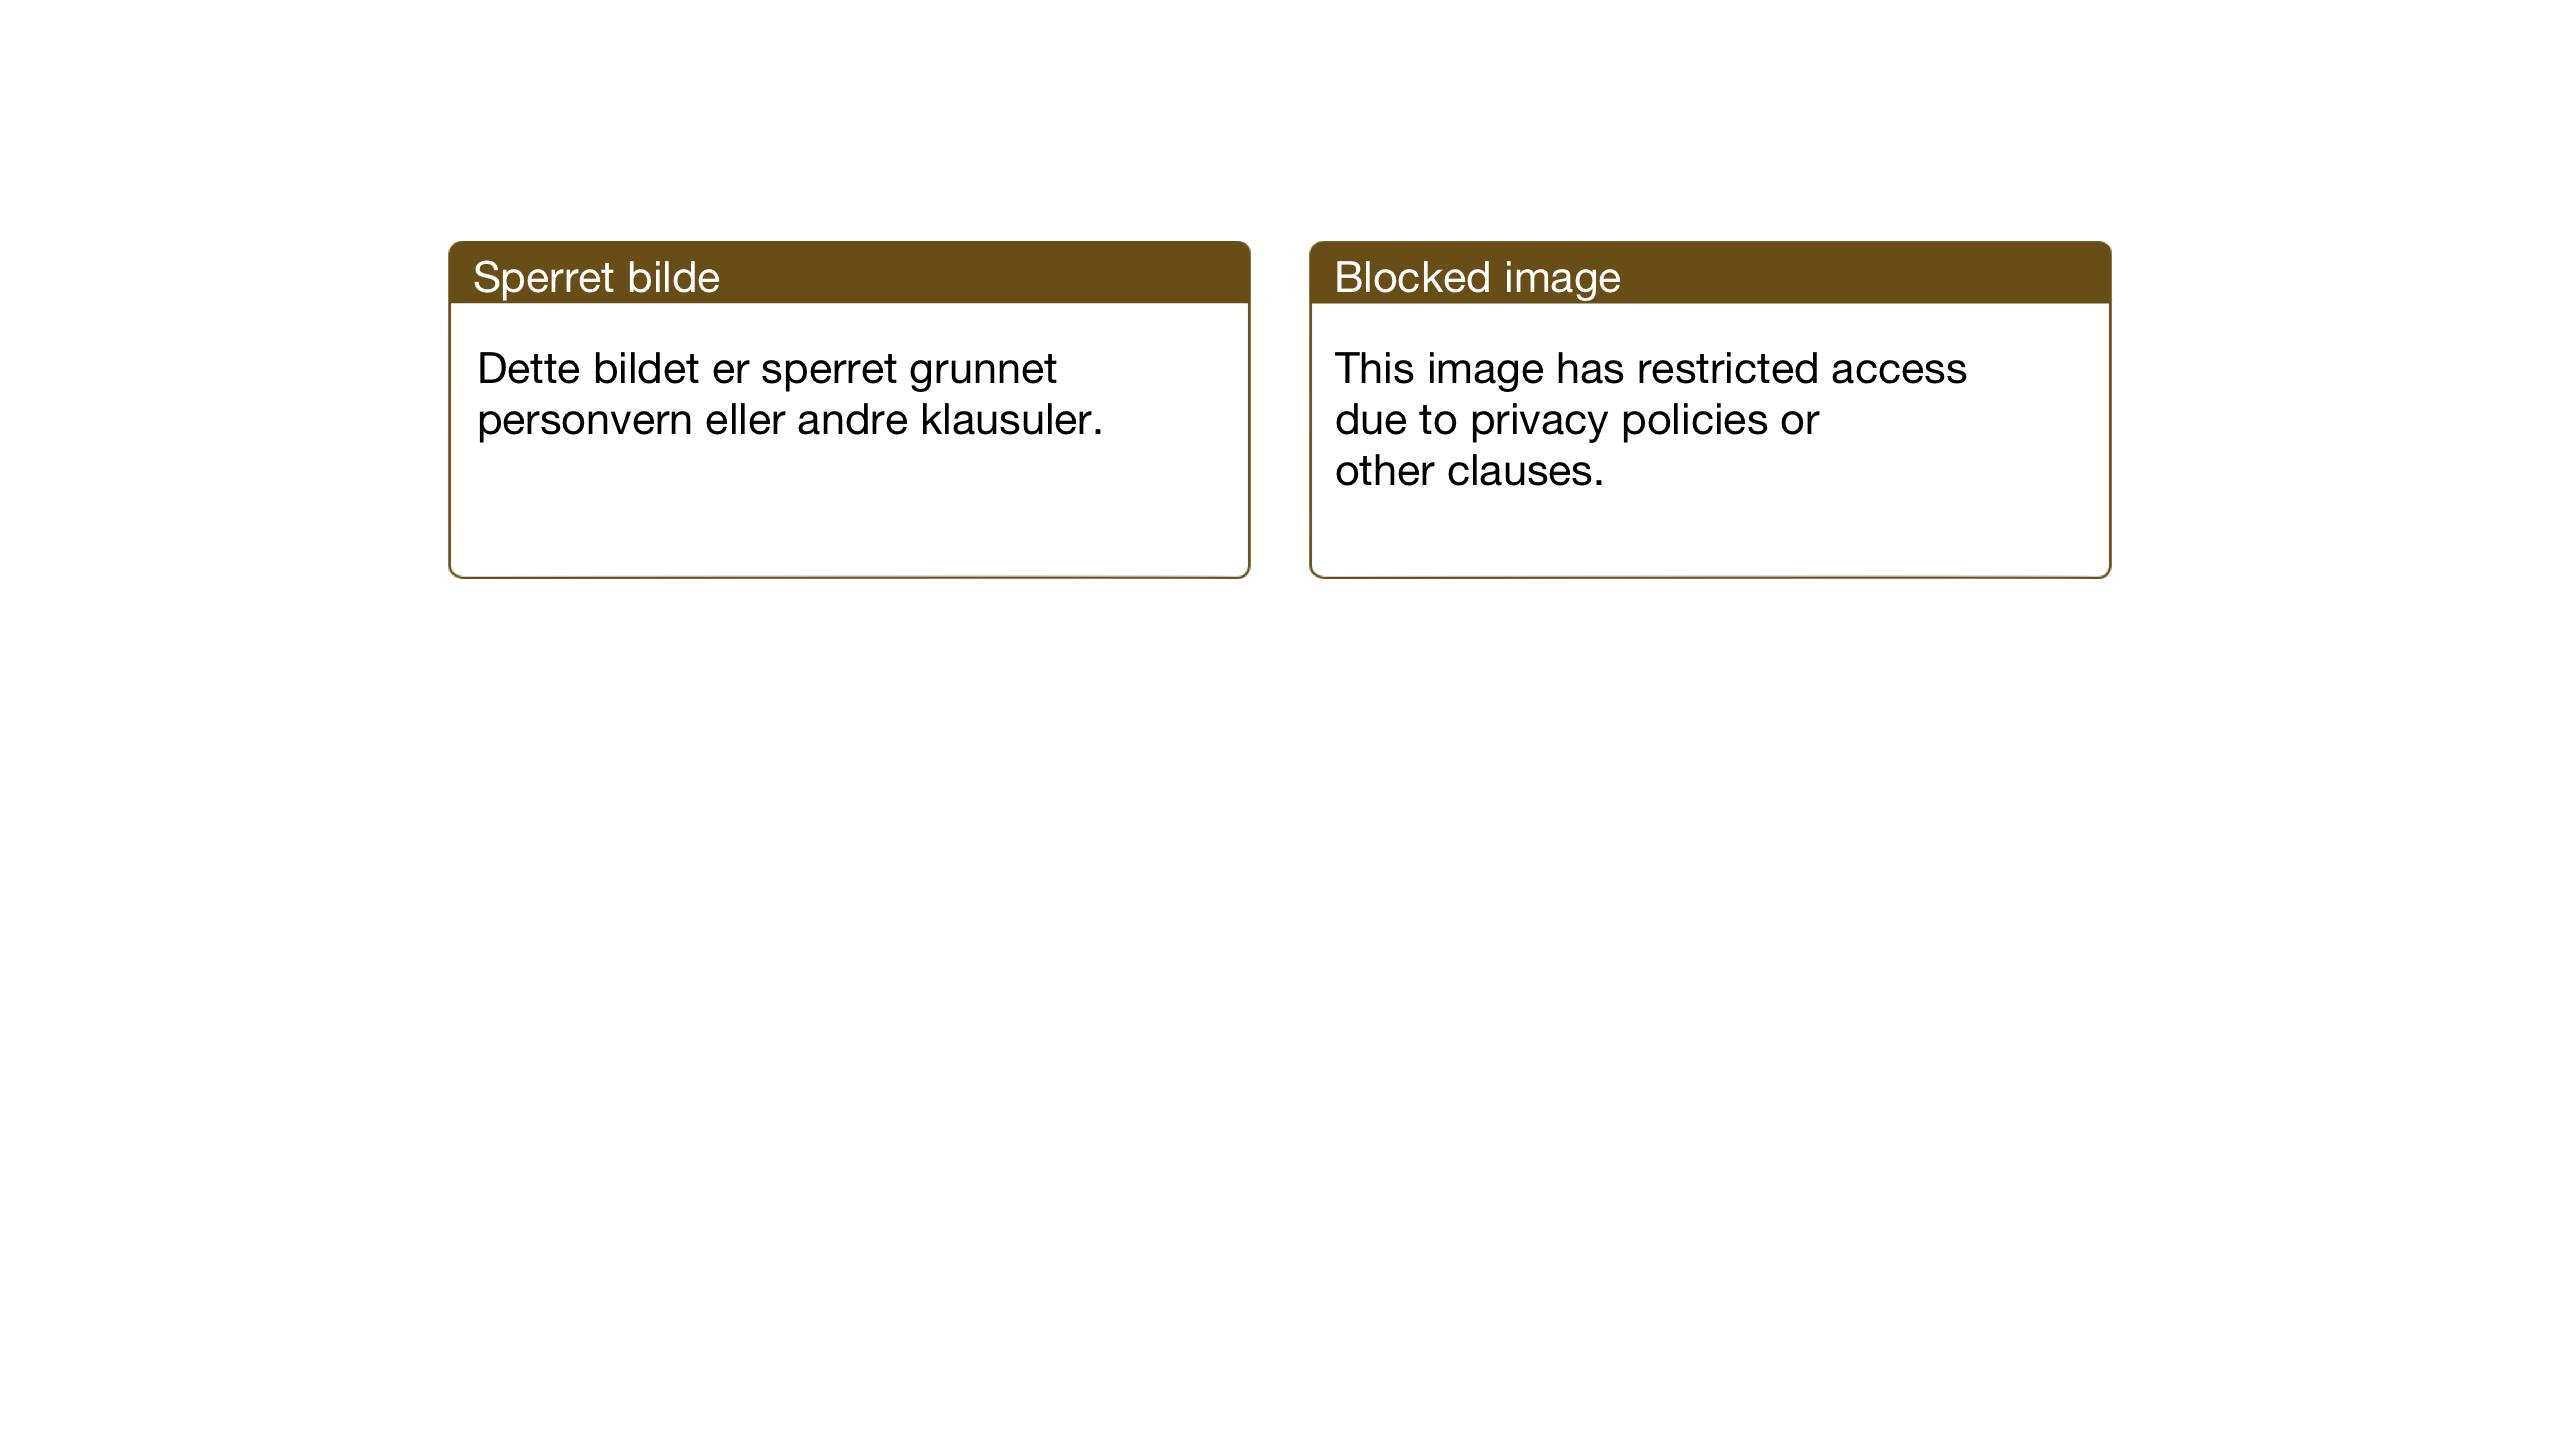 SAT, Ministerialprotokoller, klokkerbøker og fødselsregistre - Sør-Trøndelag, 637/L0564: Klokkerbok nr. 637C05, 1928-1968, s. 148